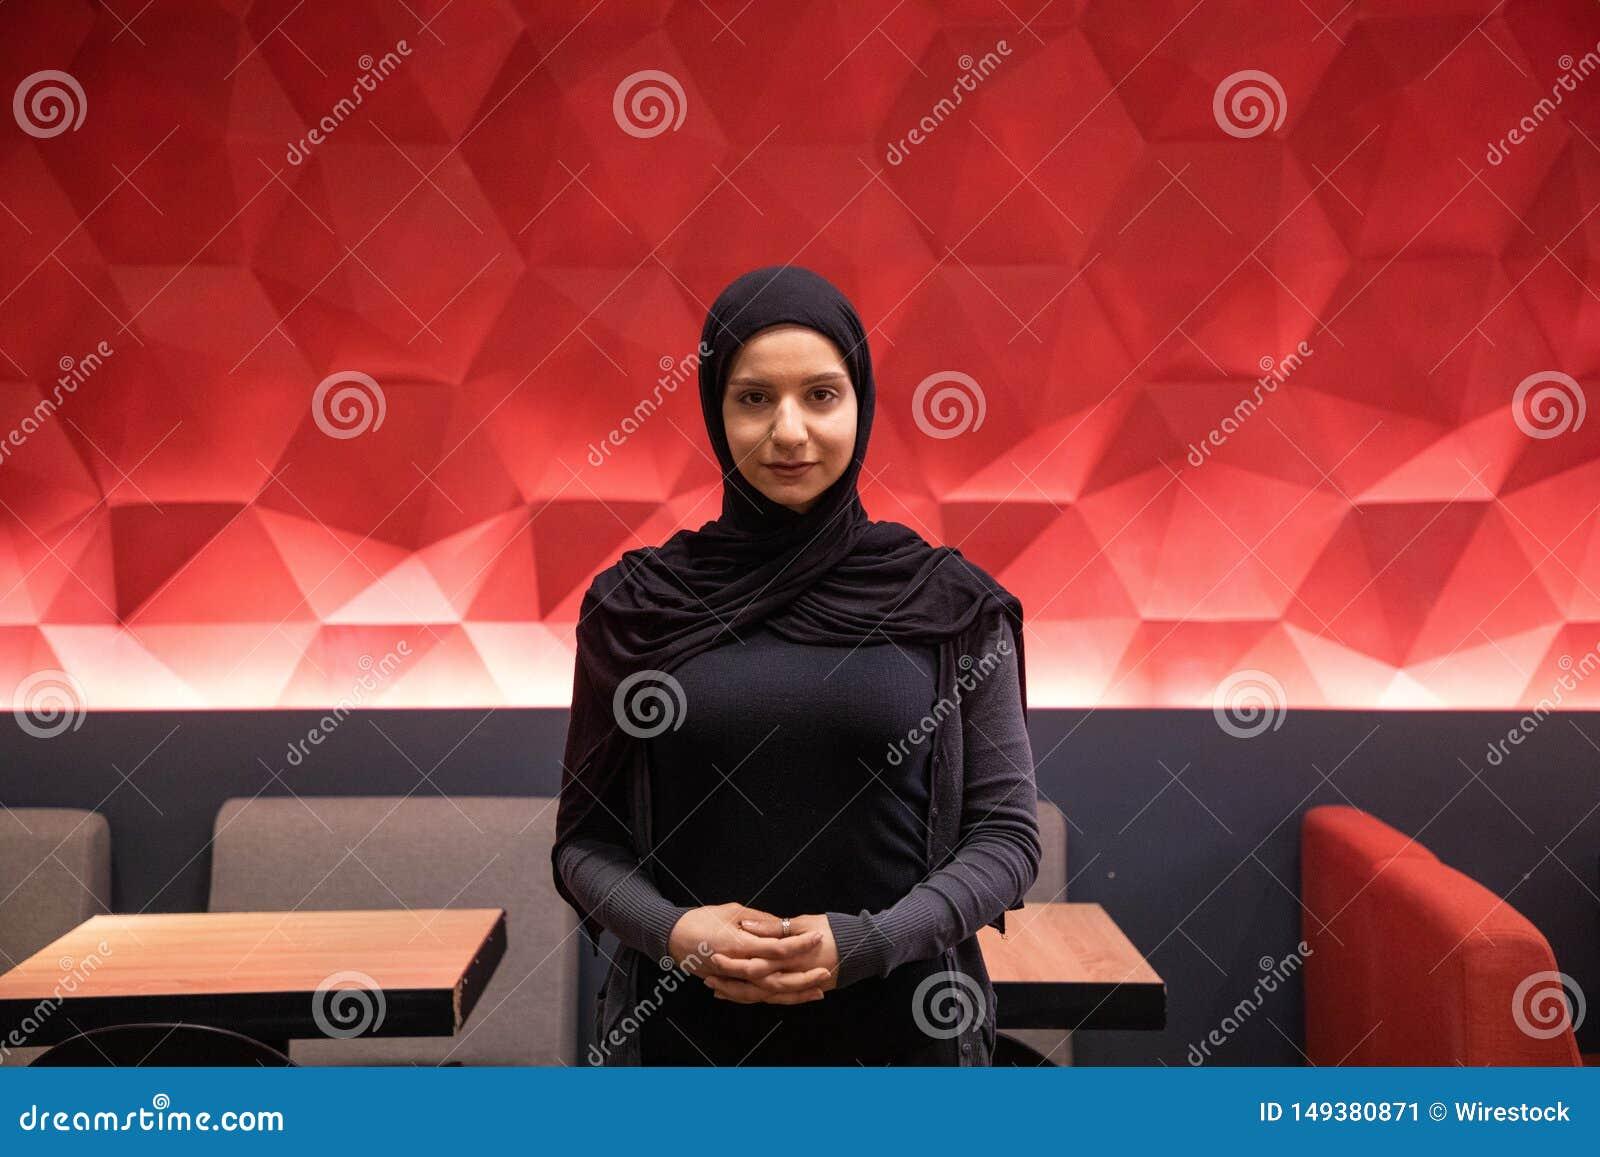 Привлекательная мусульманская женщина в черном hijab смотря камеру с красной крутой предпосылкой